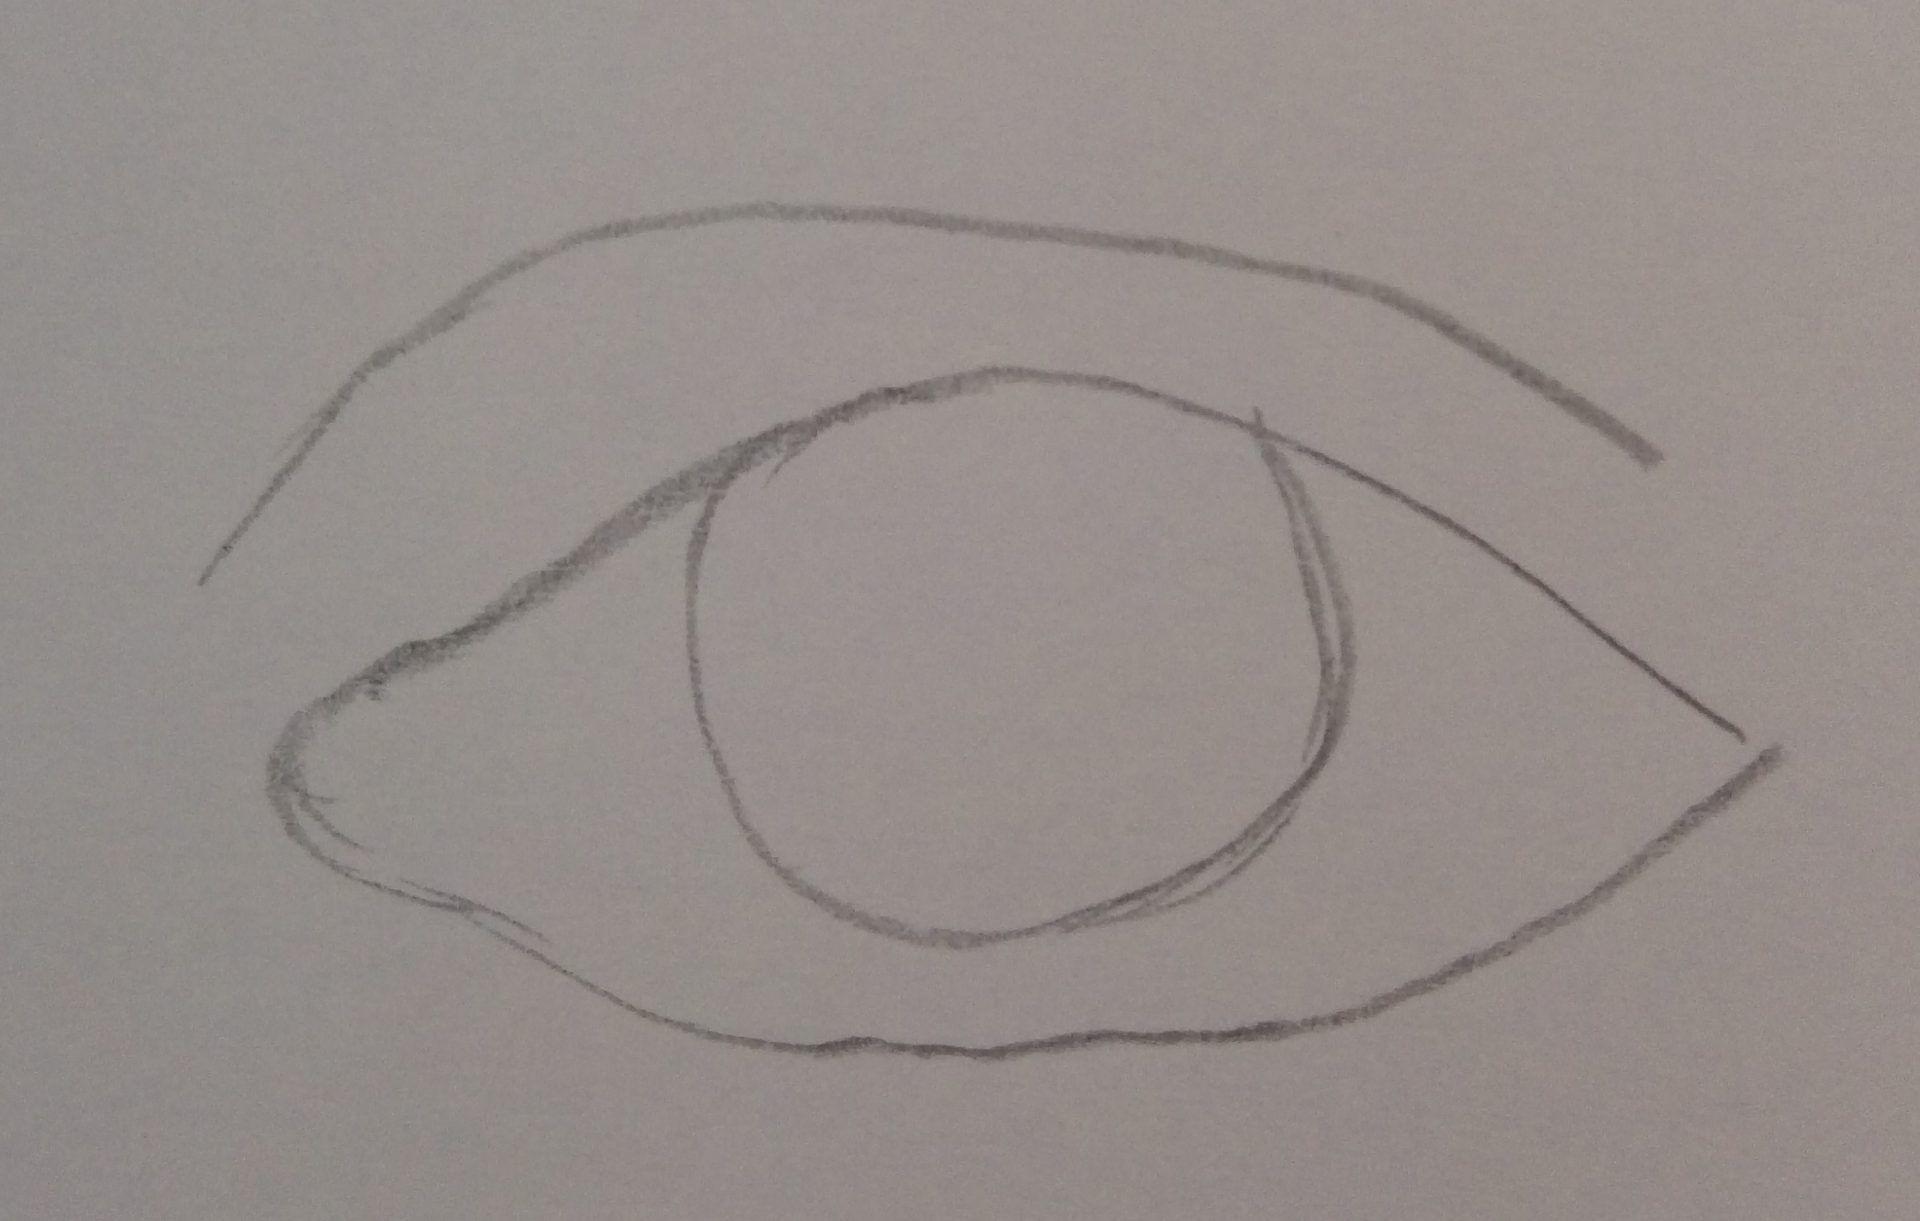 rysowanie kształtu oczu